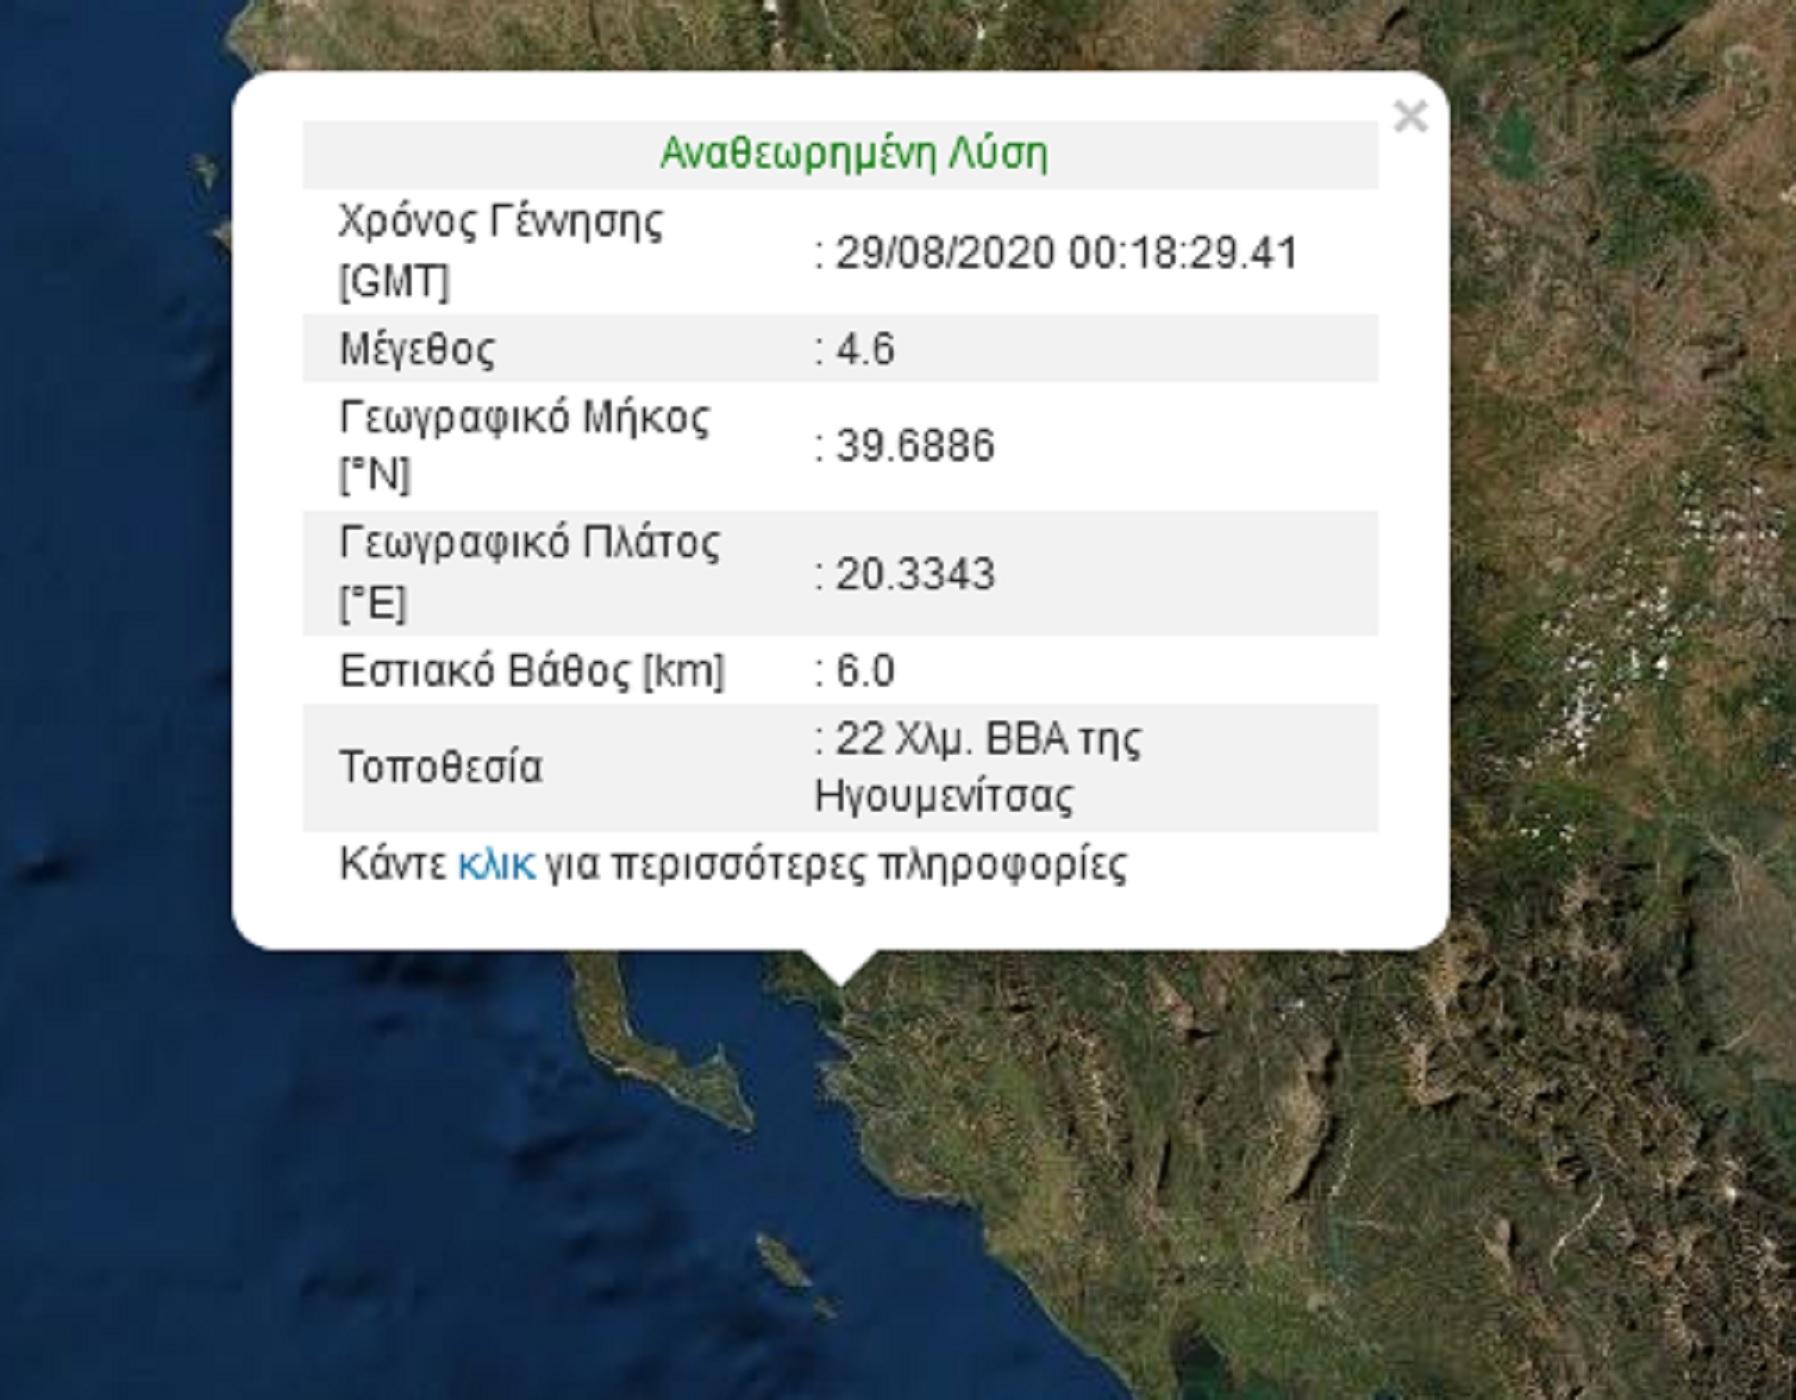 Σεισμός 4,6 Ρίχτερ κοντά στην Ηγουμενίτσα